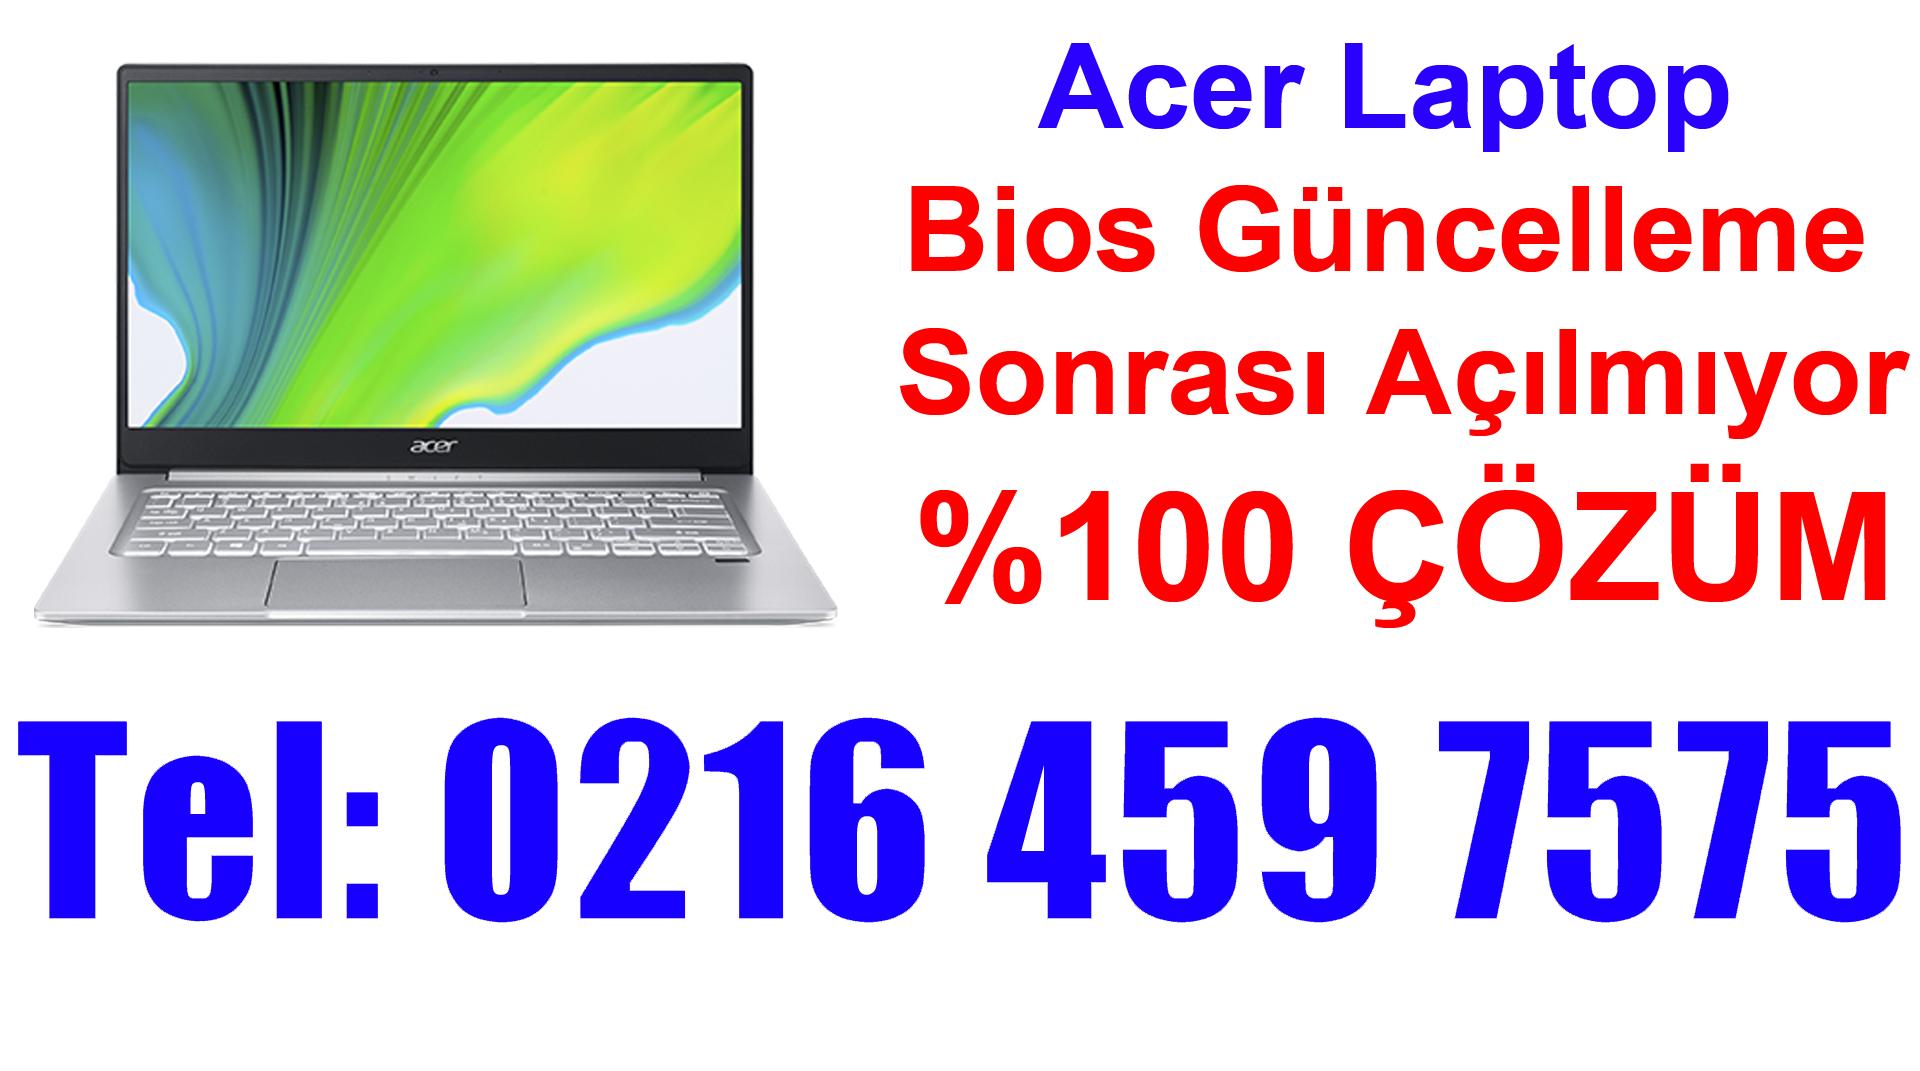 Acer Laptop Bios Güncelleme Sonrası Açılmıyor